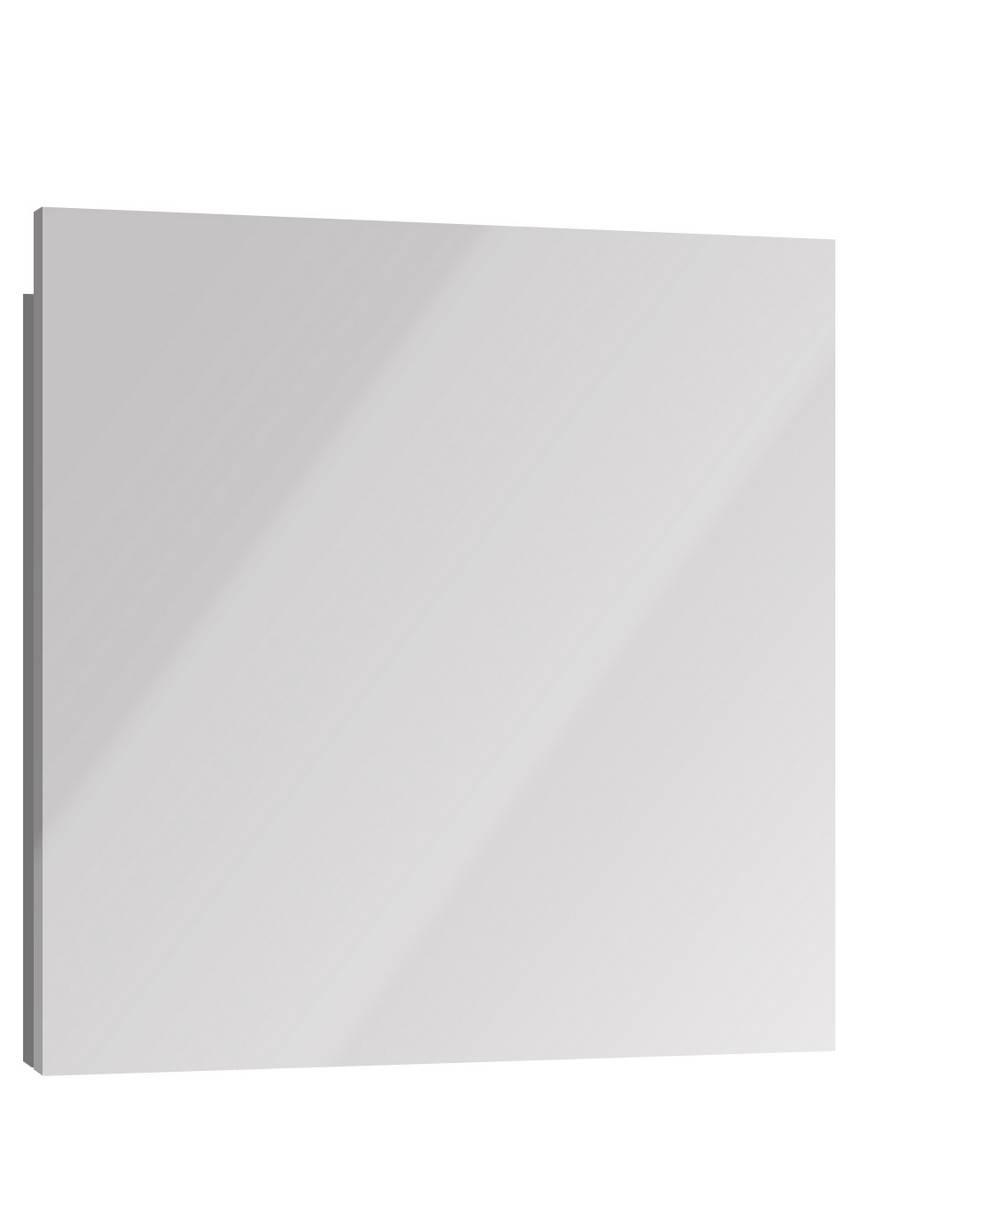 DEKO Spiegel 60 cm